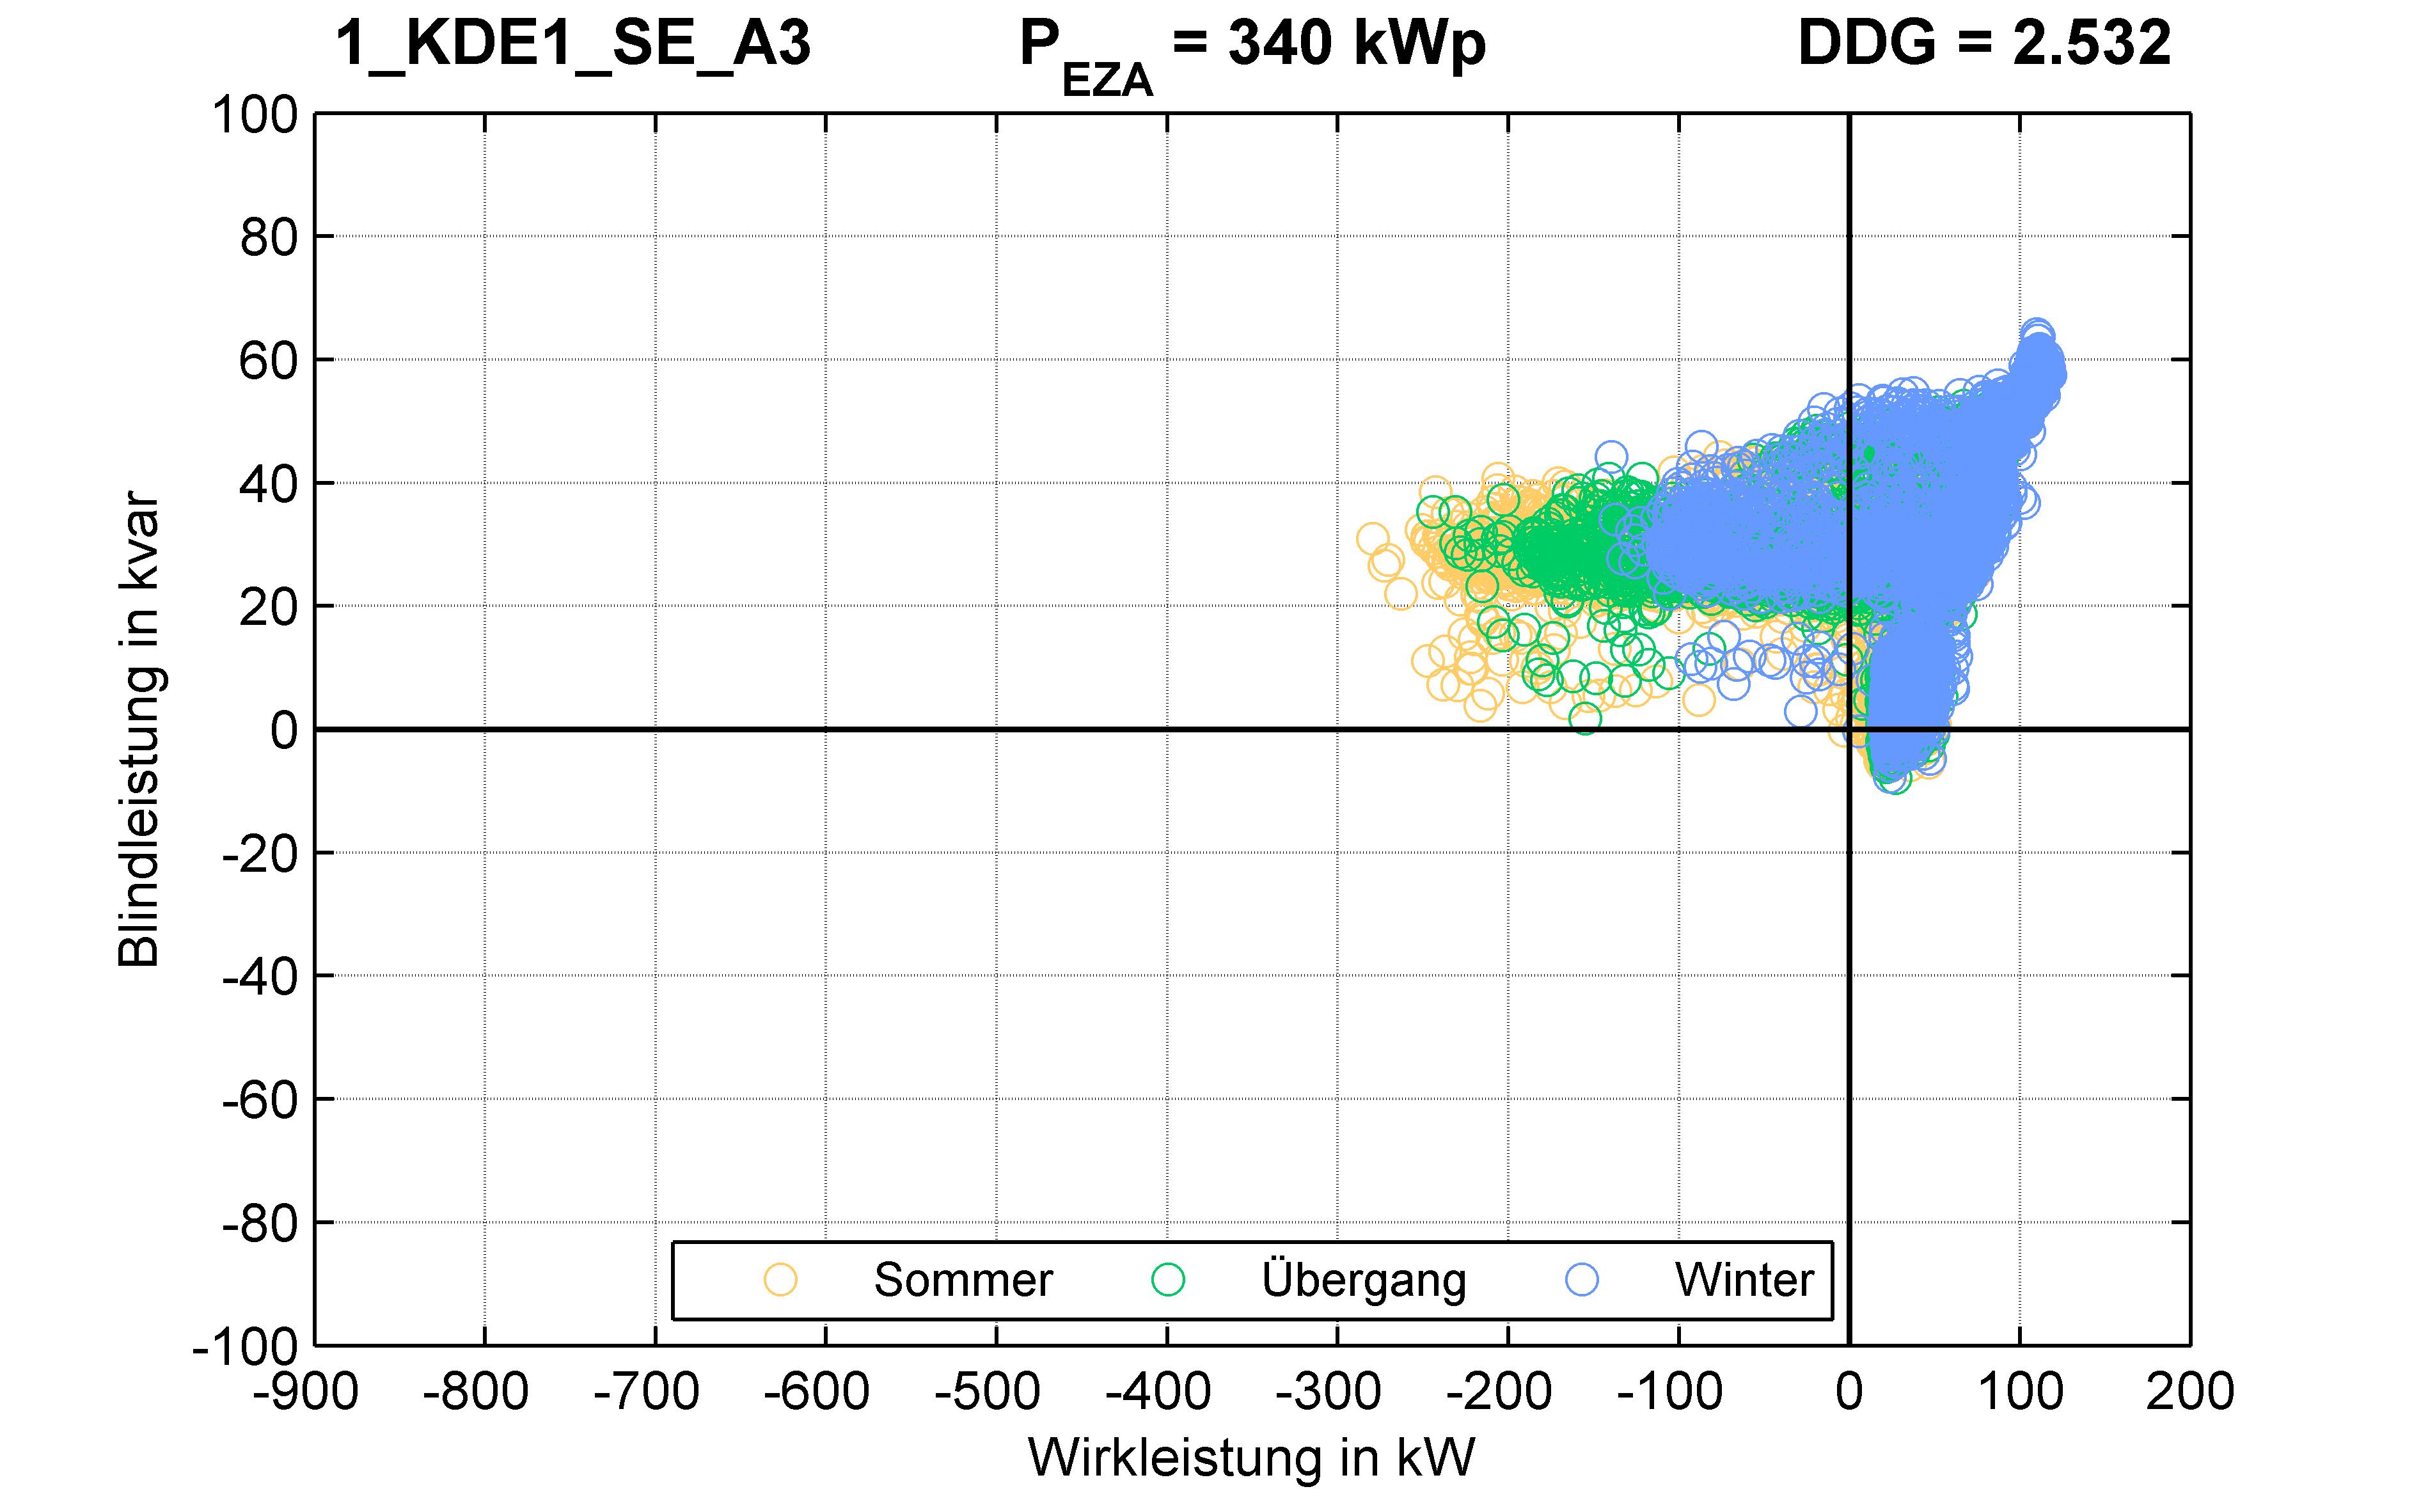 KDE1 | KABEL (SE) A3 | PQ-Verhalten